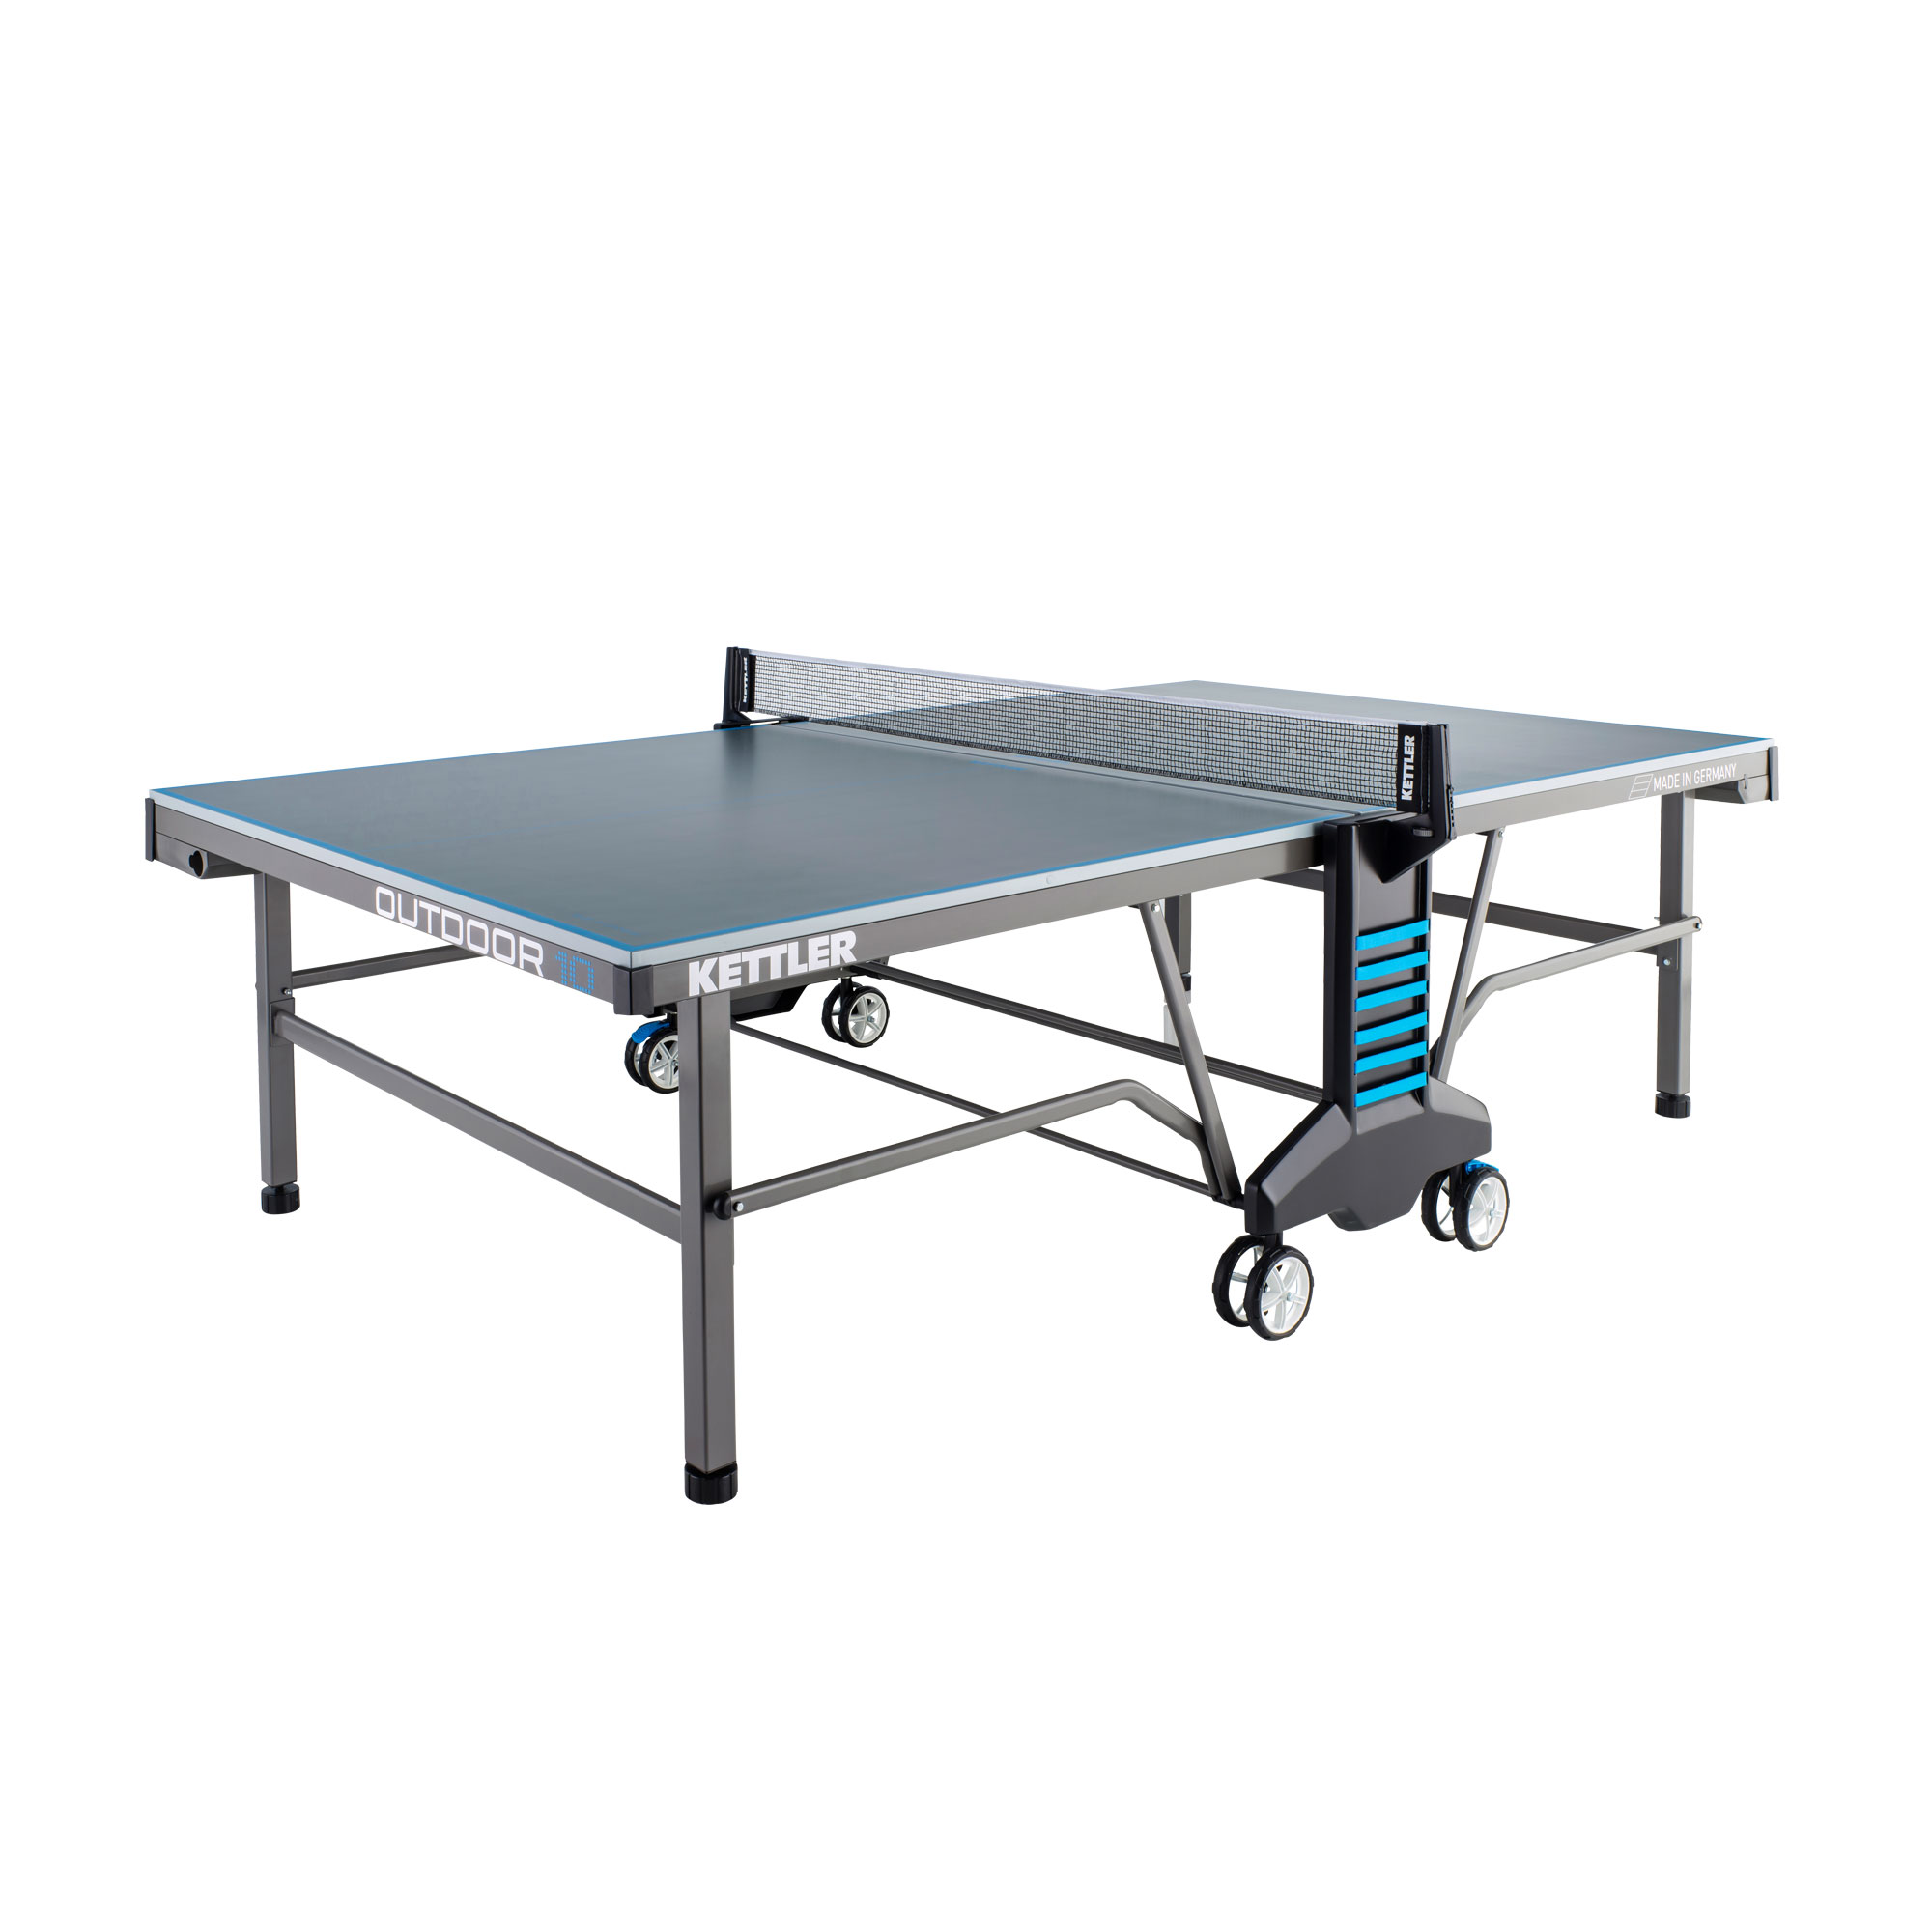 Pingpongový stůl venkovní KETTLER OUTDOOR 10 šedo-modrý + rozšířená záruka 60 měsíců ZDARMA